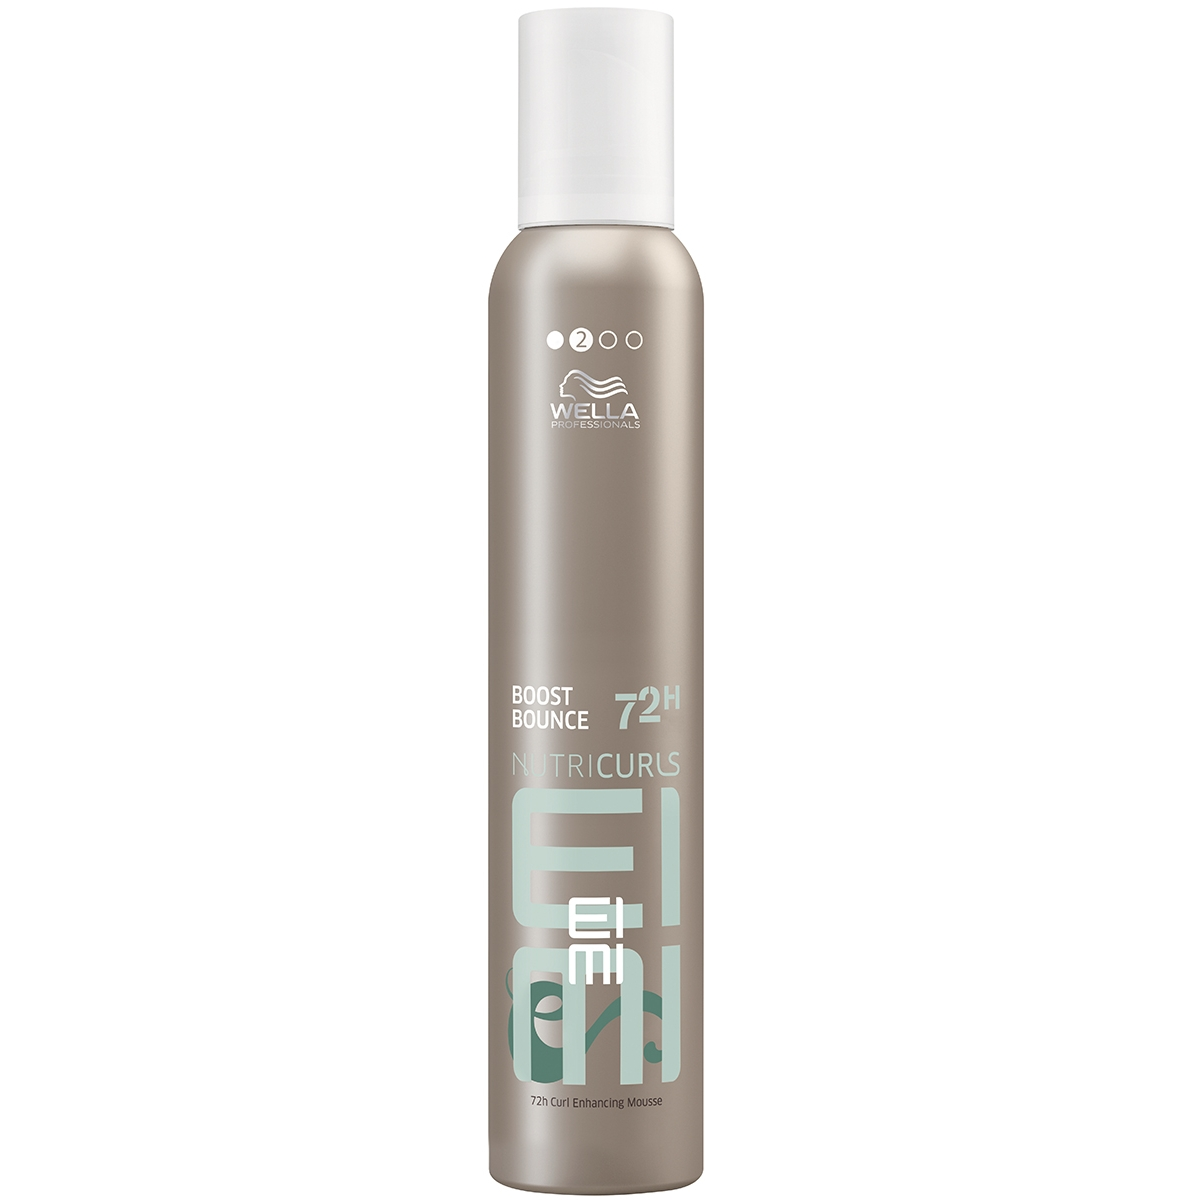 все цены на Мусс для укладки кудрявых волос Wella Professionals Nutricurls EIMI Boost Bounce 72H Curl Enhancing Mousse, 300 мл онлайн